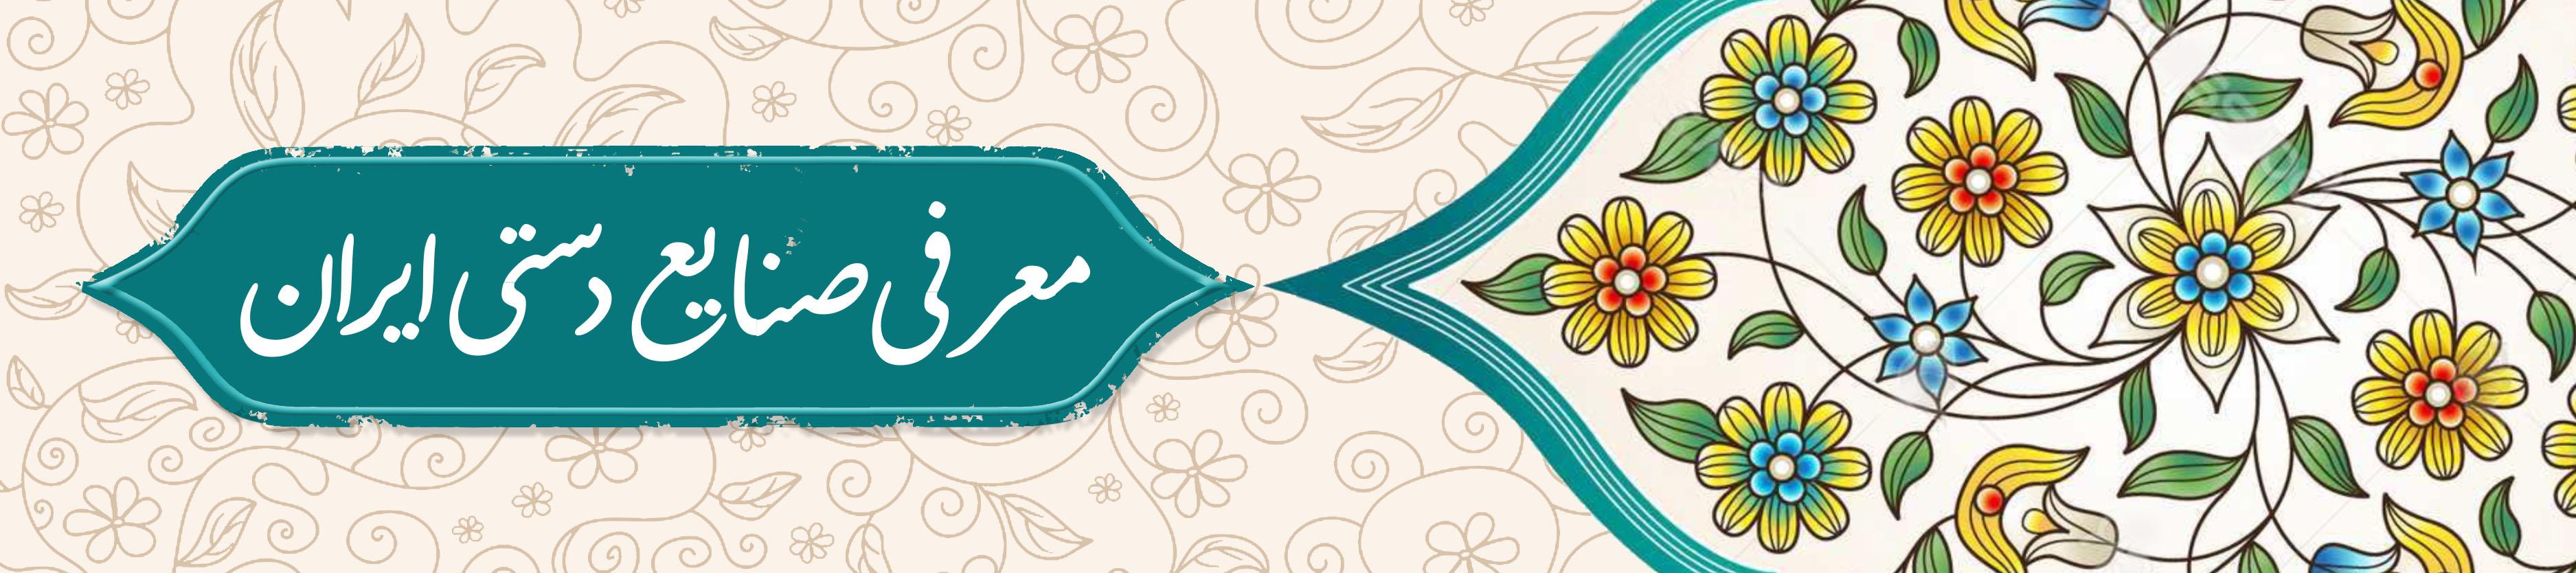 خرید صنایع دستی از تمام استان های ایران